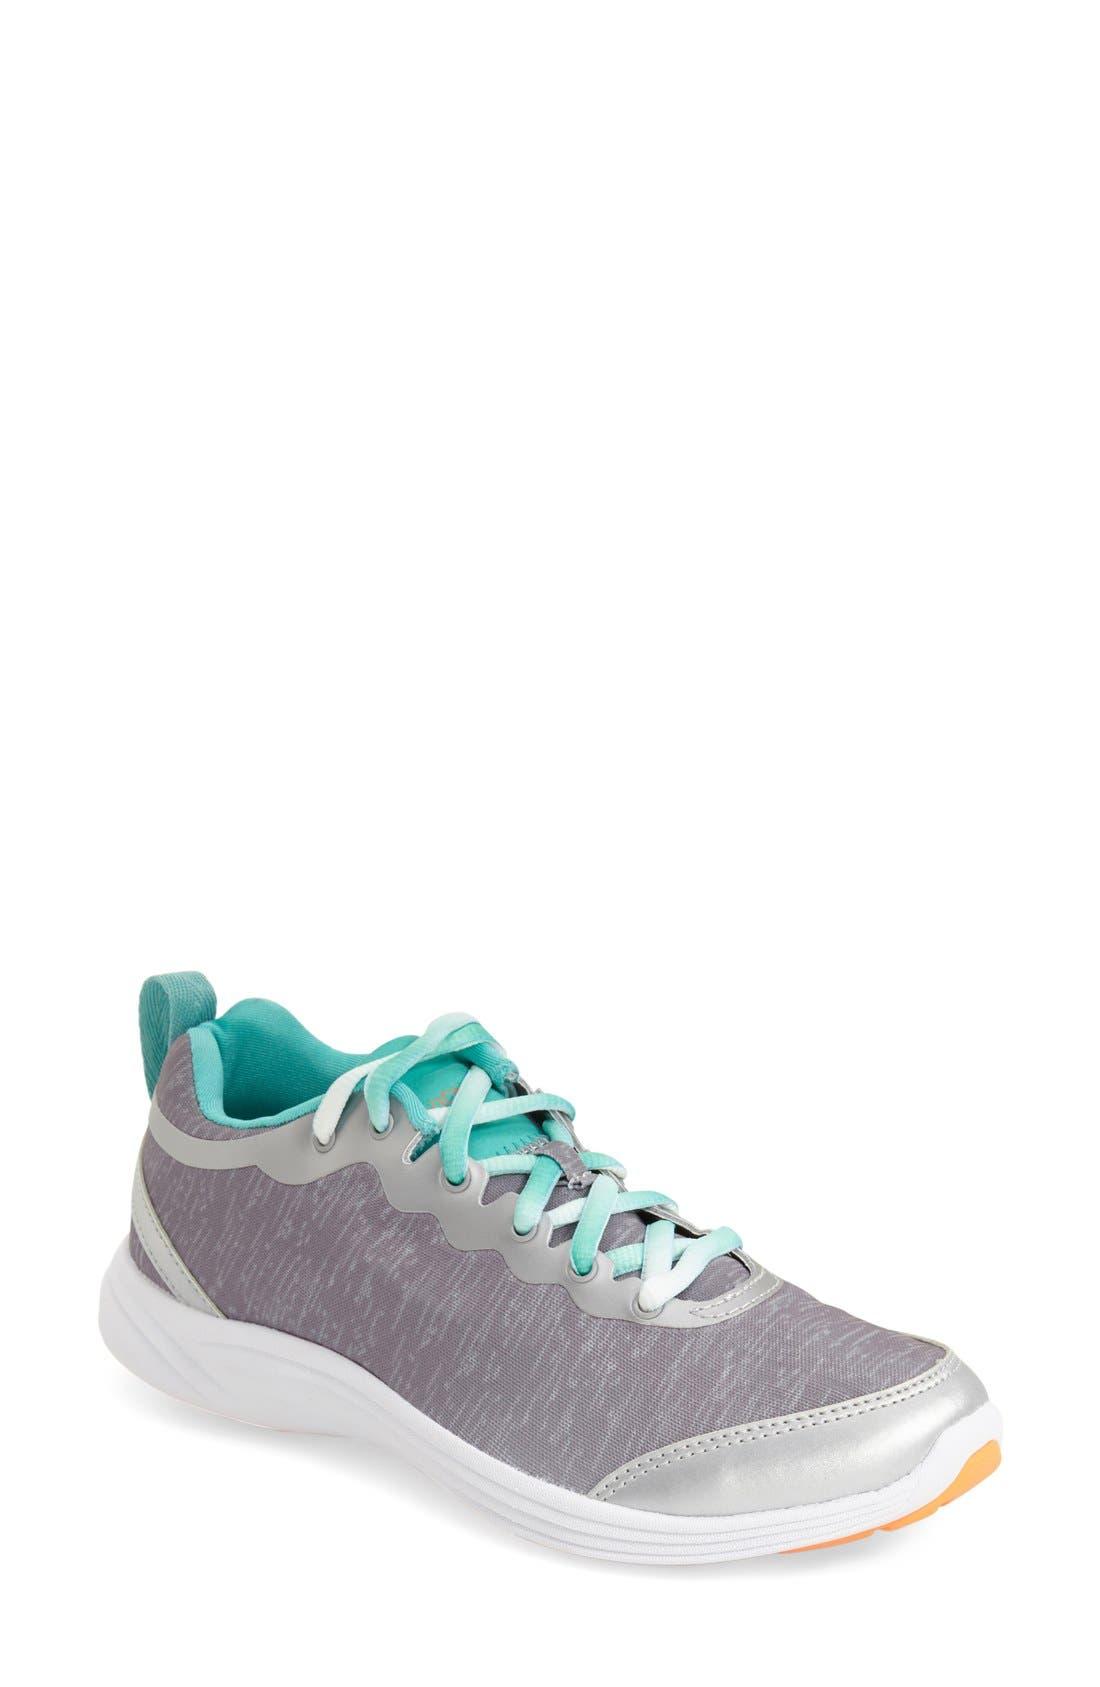 VIONIC 'Fyn' Sneaker